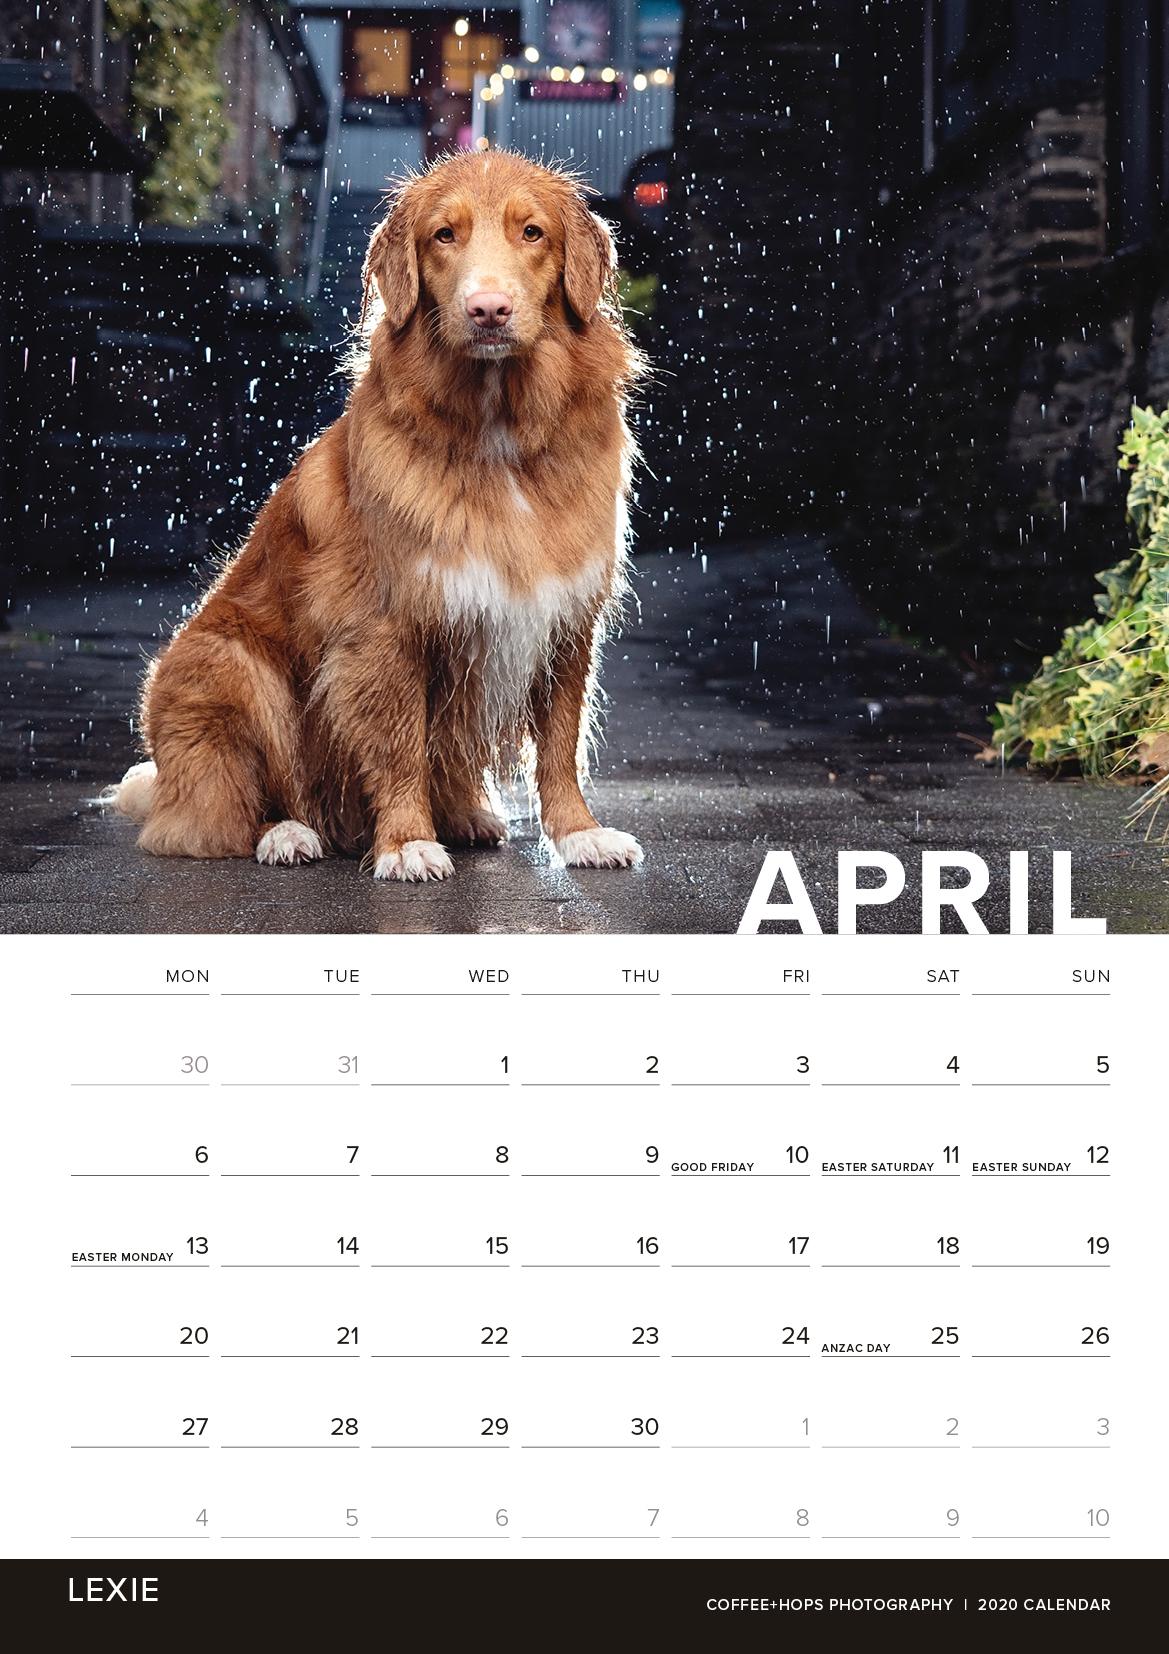 2020-calendar-internals4.jpg